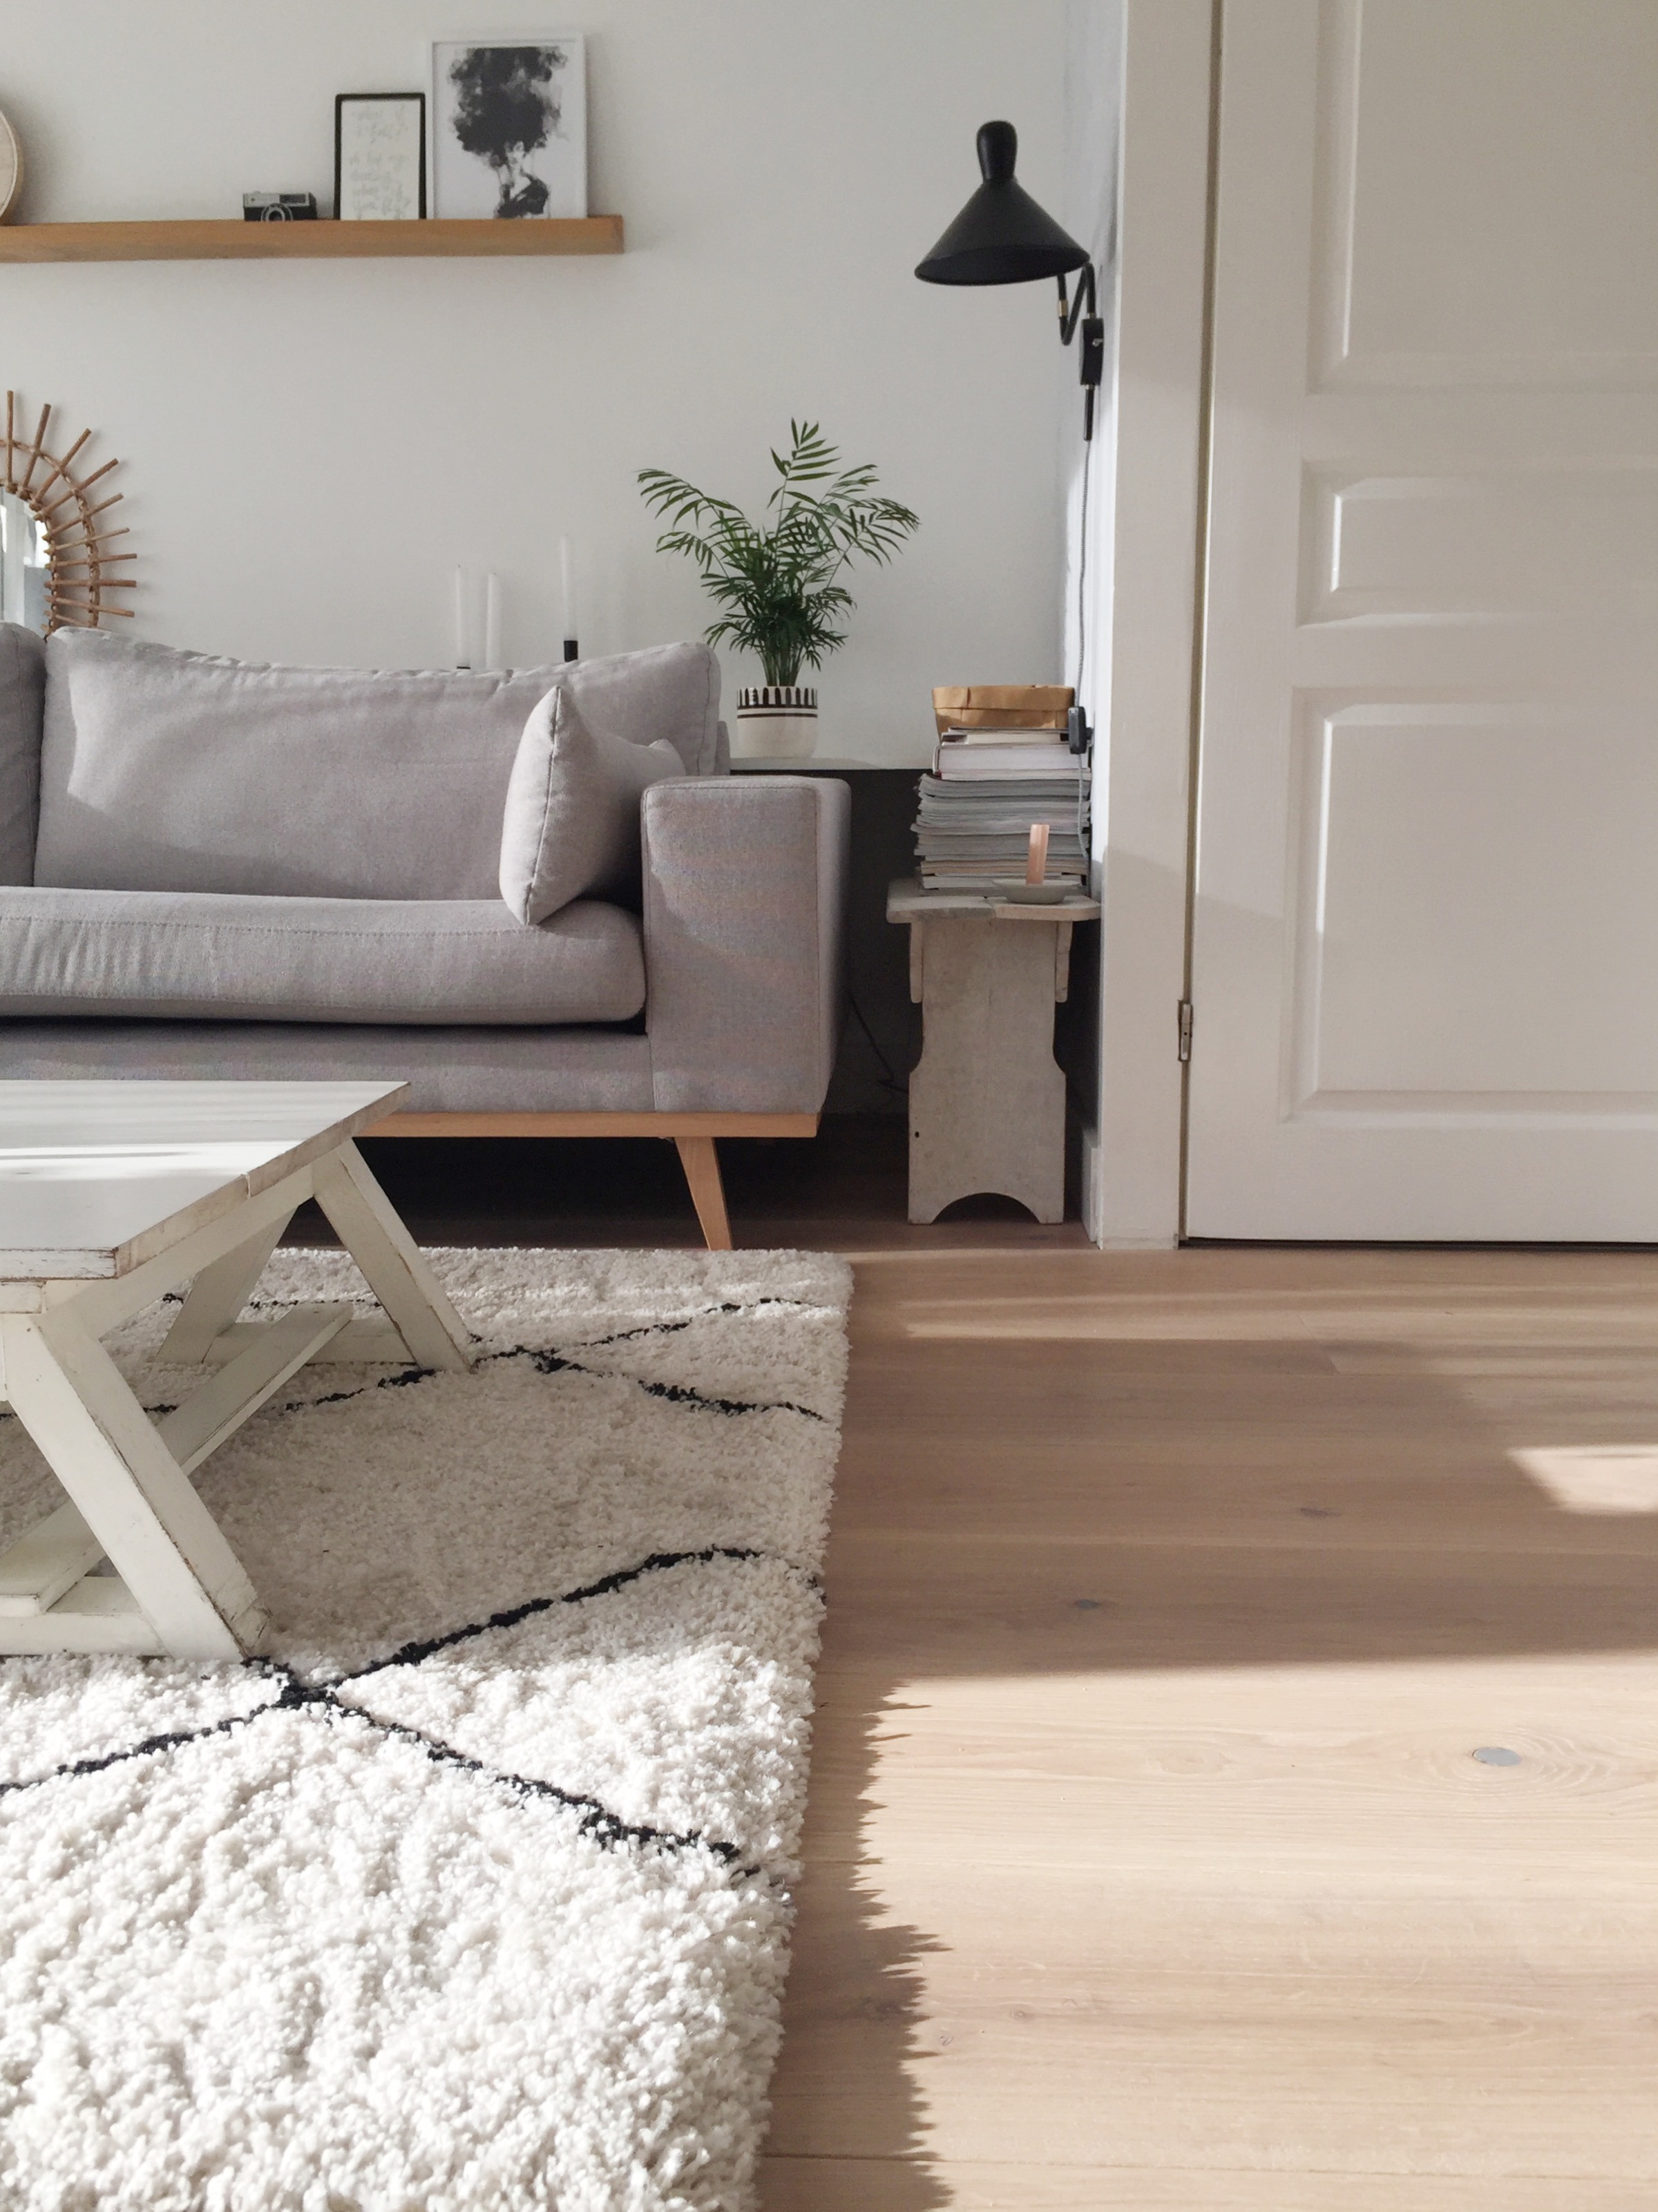 selinesteba.com - Hollandsche Vloeren Scandinavische stijl 3.JPG